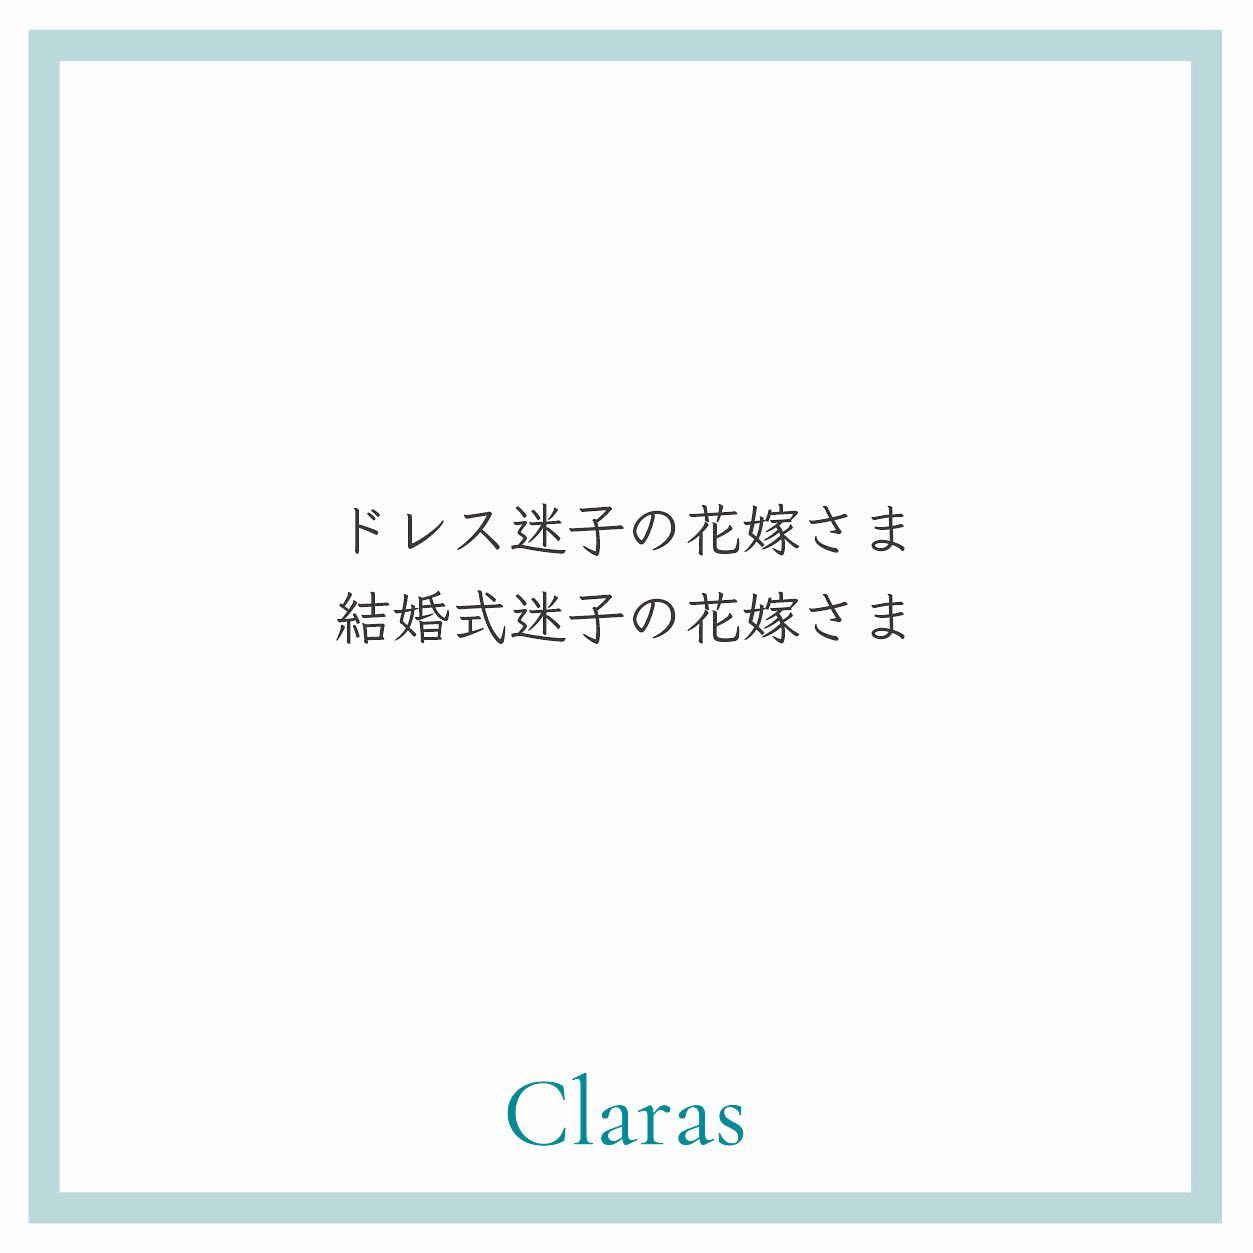 """🕊Claras が伝えたいこと🕊・本当のドレス選びの楽しさを感じて欲しい・インポートドレスを適正価格でお届けするのがClaras・レンタルでは叶わない繊細で上質な素材も、ジャストサイズだから再現できるデザイン美も・Parisに関連会社があるからこそ直輸入での適正価格が叶う・Clarasは1組ずつ貸切でご案内寛ぎながら本当にその方に合った1着へと導きます自分だけのための1着を選びに来てください🤍結婚式やフォトなど迷ってる方でもまずはClarasへ🕊・長年様々なウエディングに携わってきたClarasスタッフより、細かなカウンセリングを行い的確ななご提案をさせていただきますご予約はDMからでも承れます・New Normal Wedding Salon""""Claras""""https://claras.jp/・about """"Claras""""…(ラテン語で、明るい·輝く)As(明日· 未来, フランス語て最高、一番) ・明るく輝く明日(未来) に貢献したいという想いを込めています🕊Fashionの都Parisをはじめ、欧米から選りすぐりのドレスをこれから出逢う花嫁のために取揃えました・2021.3.7 (Sun)NEW OPEN・Dressから始まるWedding Story""""憧れていた Dress選びから始まる結婚準備があったっていい""""・さまざまな新しい「価値」を創造し発信していきますこれからの新しい Wedding の常識を""""Claras """"から🕊・New Normal Wedding Salon【Claras】〒107-0061 東京都港区北青山2-9-14SISTER Bldg 1F(101) 東京メトロ銀座線 外苑前駅3番出ロより徒歩2分Tel:03 6910 5163HP: https://claras.jp営業時間:平日 12:00-18:00 土日祝11:00-18:00(定休日:月・火)・#wedding #weddingdress #instagood #instalike #claras #paris #vowrenewal#ウェディングドレス #プレ花嫁 #ドレス試着 #ドレス迷子 #2021夏婚 #2021冬婚 #ヘアメイク #結婚式  #ドレス選び #前撮り #インポートドレス #フォトウェディング #ウェディングヘア  #フォト婚 #ニューノーマル #ブライダルフォト #カップルフォト #ウェディングドレス探し #ウェディングドレス試着 #セルドレス #ドレスショップ #バウリニューアル #運命のドレス"""